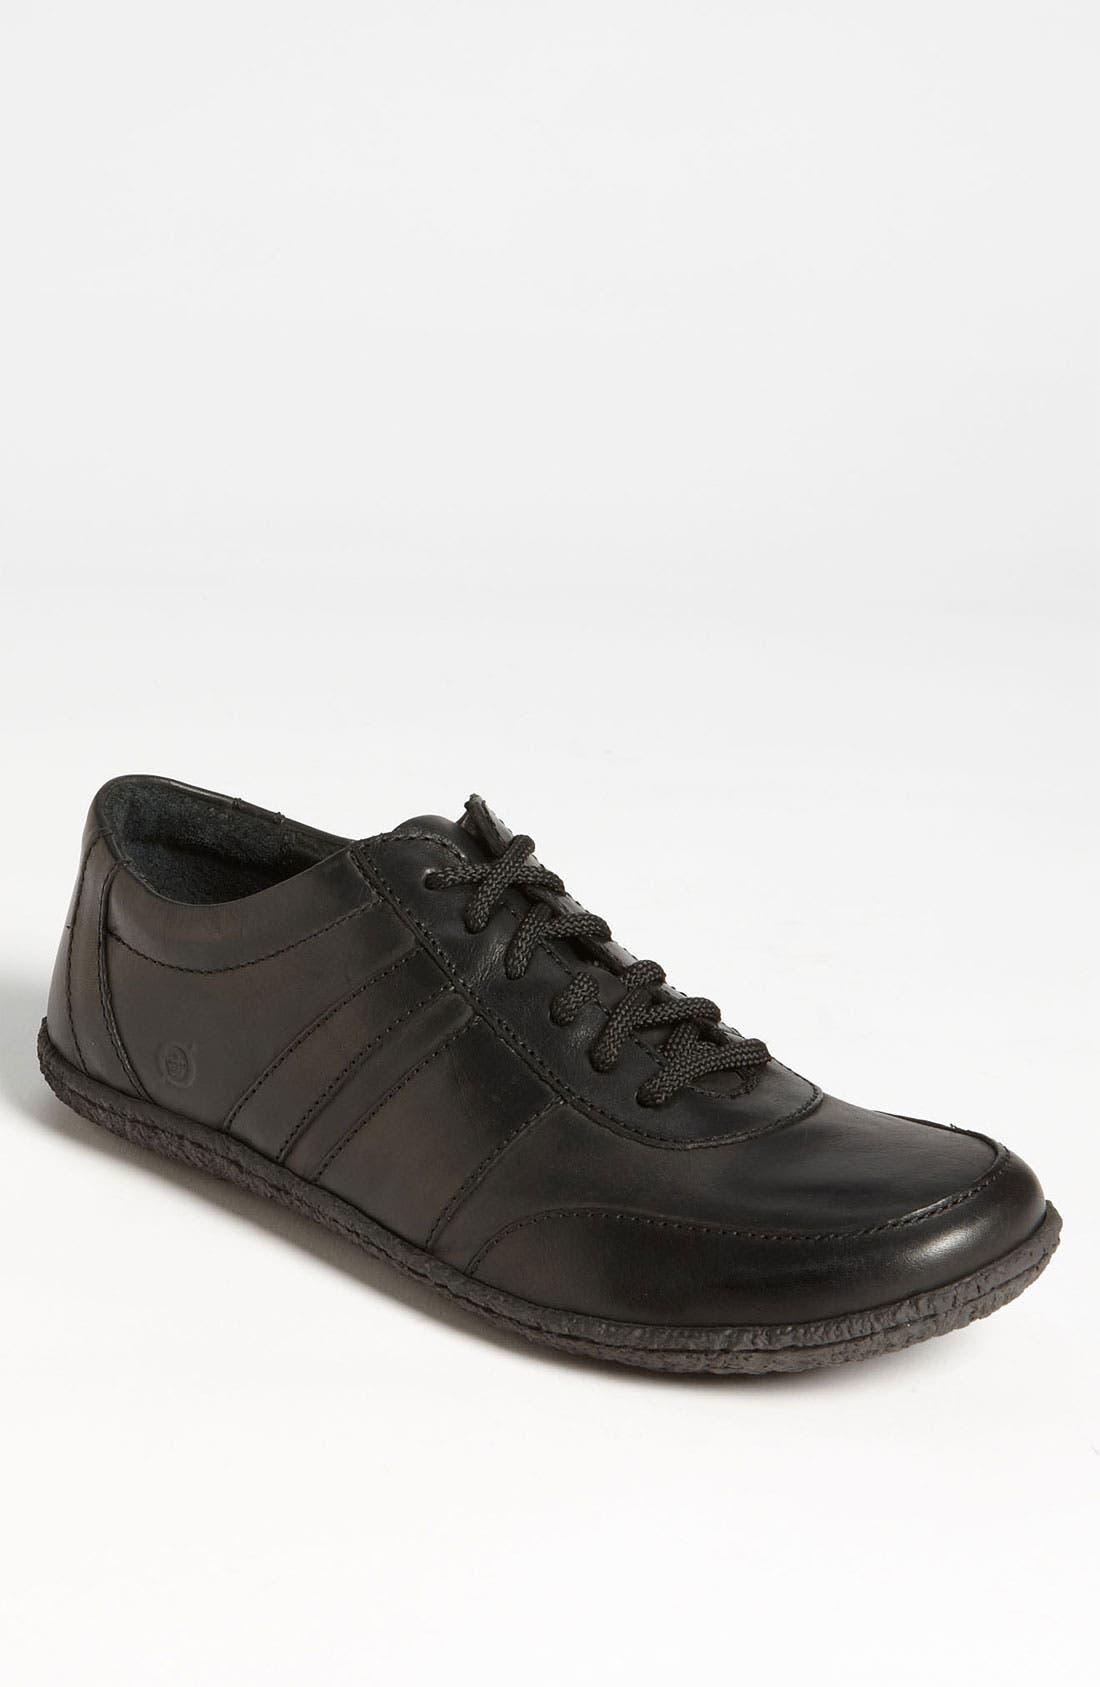 Alternate Image 1 Selected - Børn 'Shep' Sneaker (Online Exclusive)